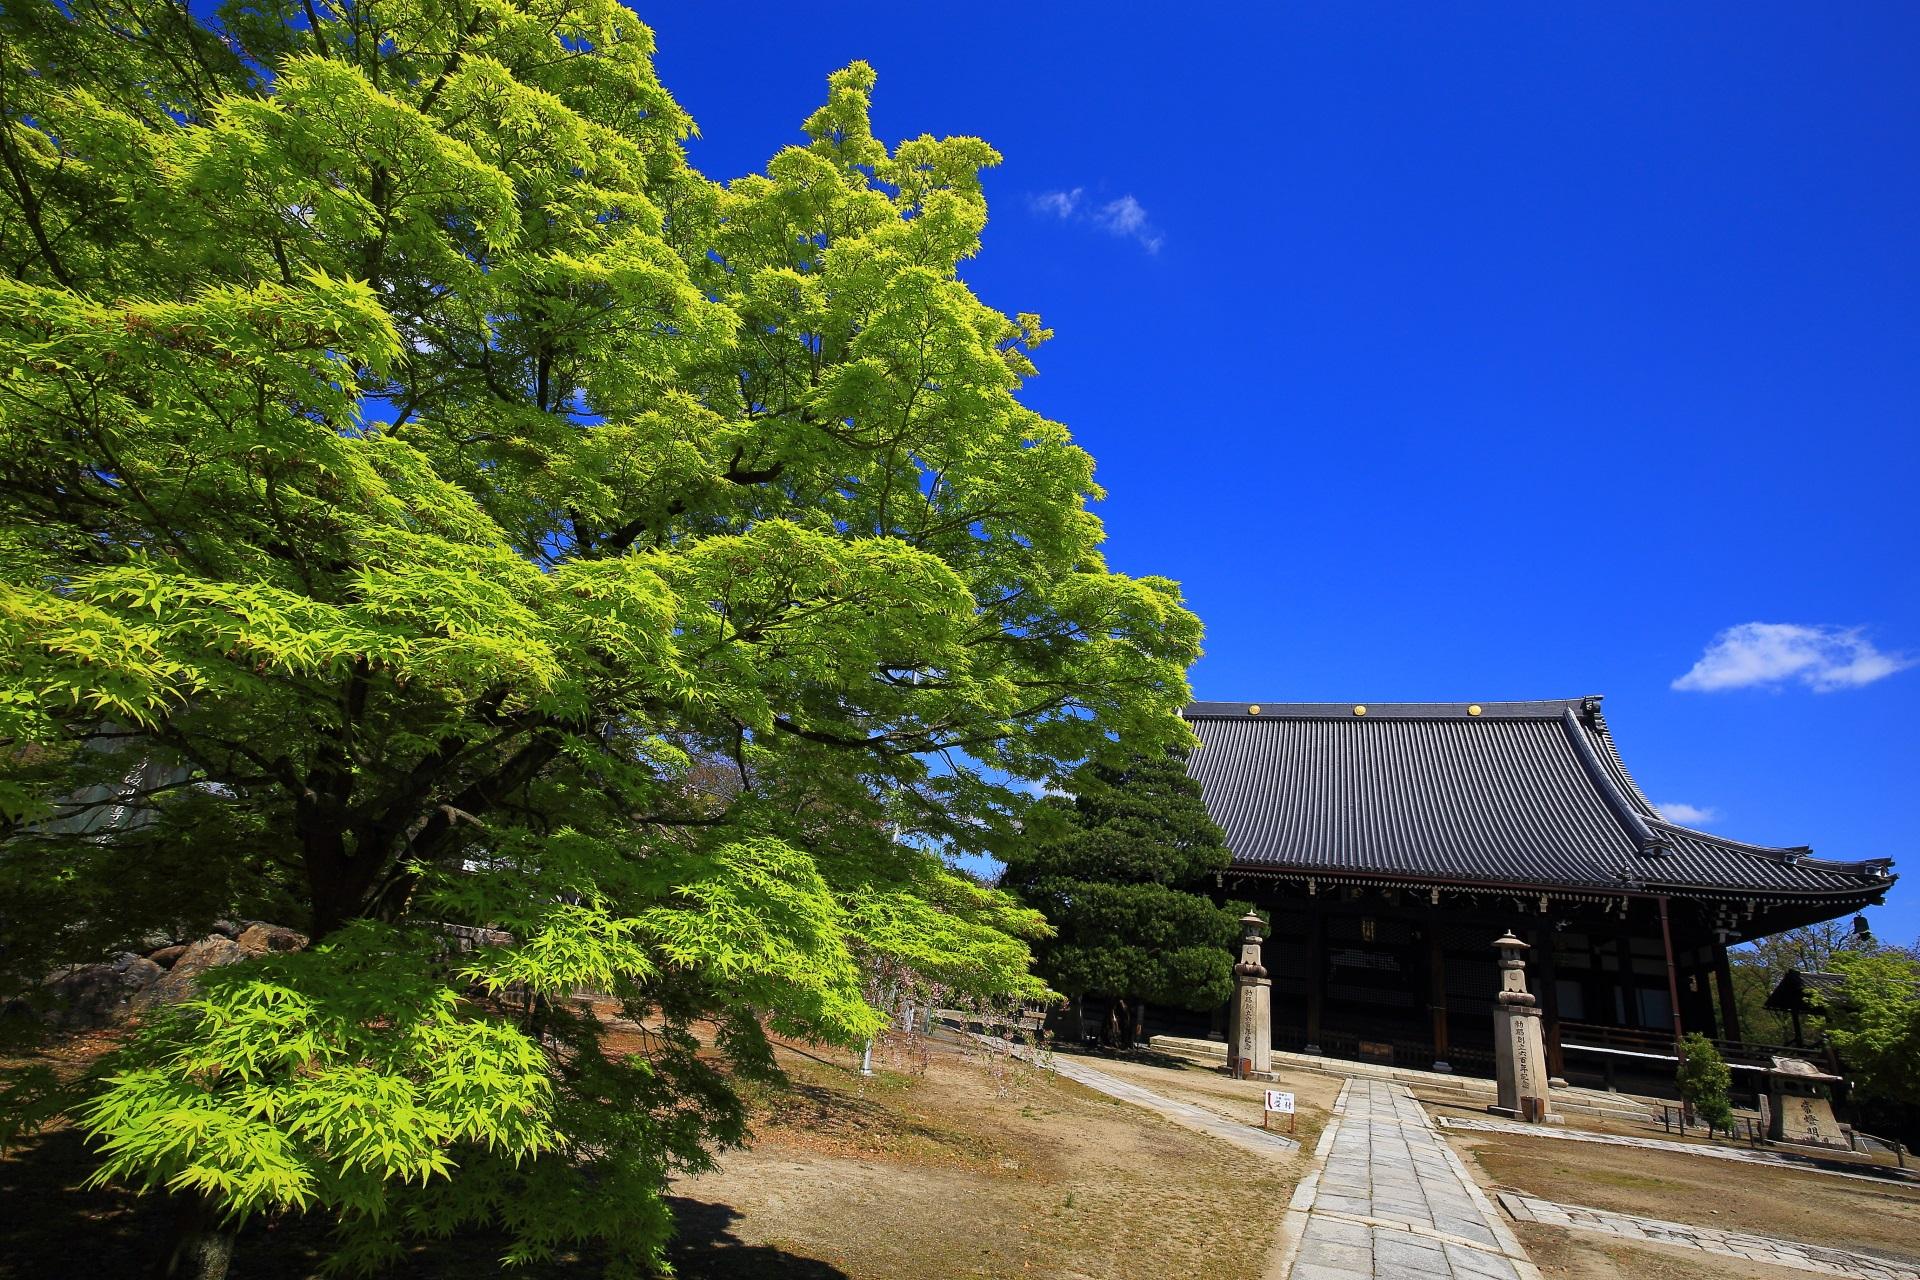 妙顕寺 新緑 高画質 写真